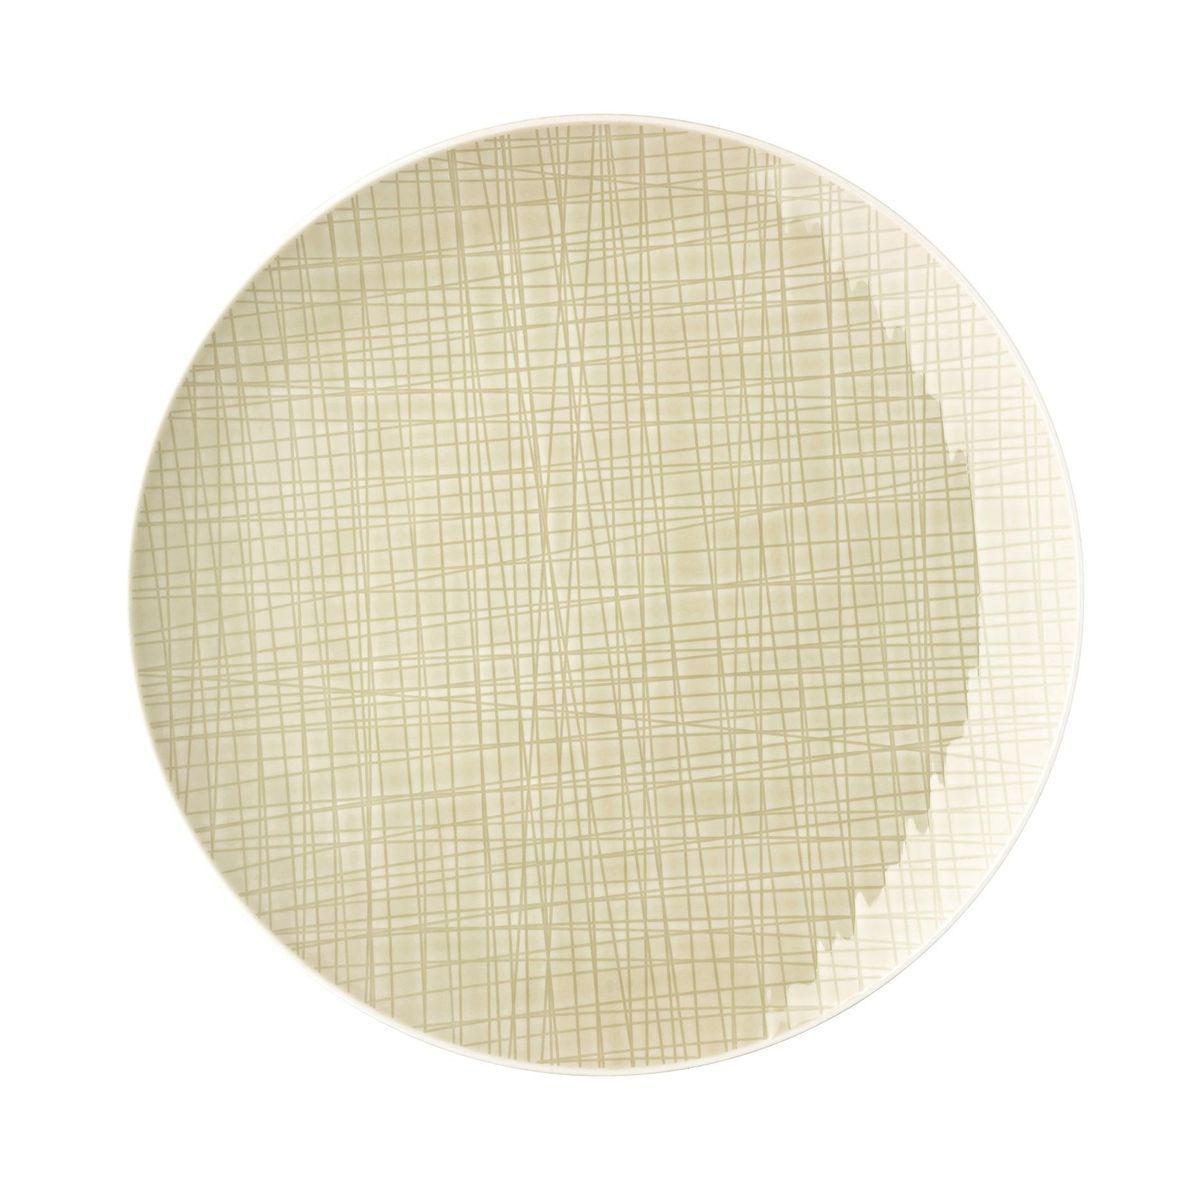 rosenthal mesh plate 27cm rosenthal. Black Bedroom Furniture Sets. Home Design Ideas